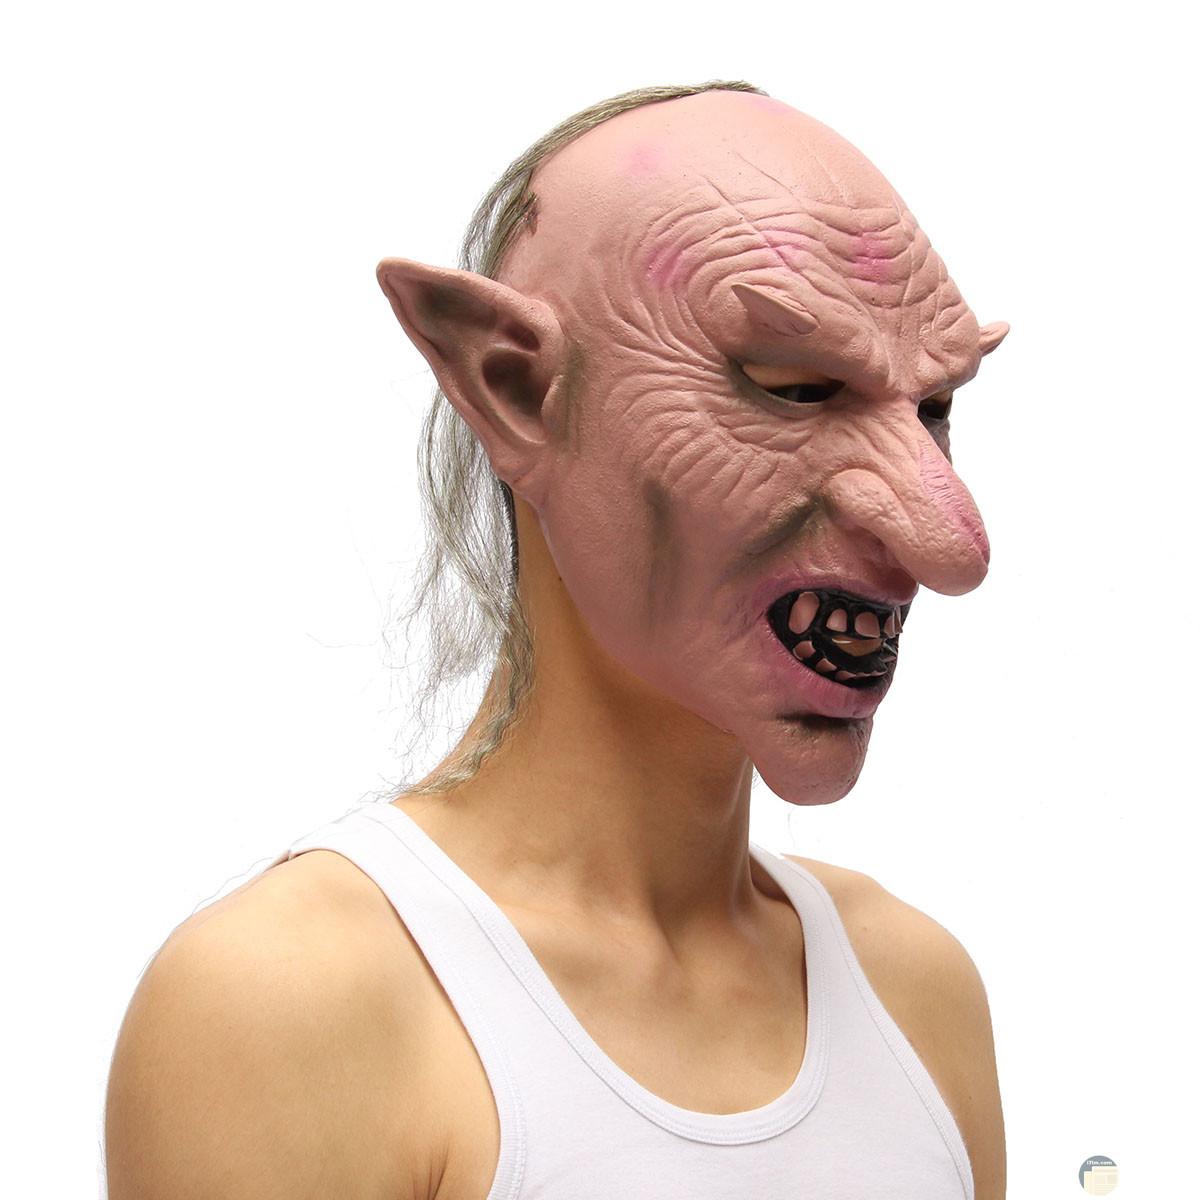 وجه مخيف و مرعب لكائن خرافي بأنف طويلة و أذن طويلة و أسنان طويلة بارزة و كأنه الشيطان أو الجن.